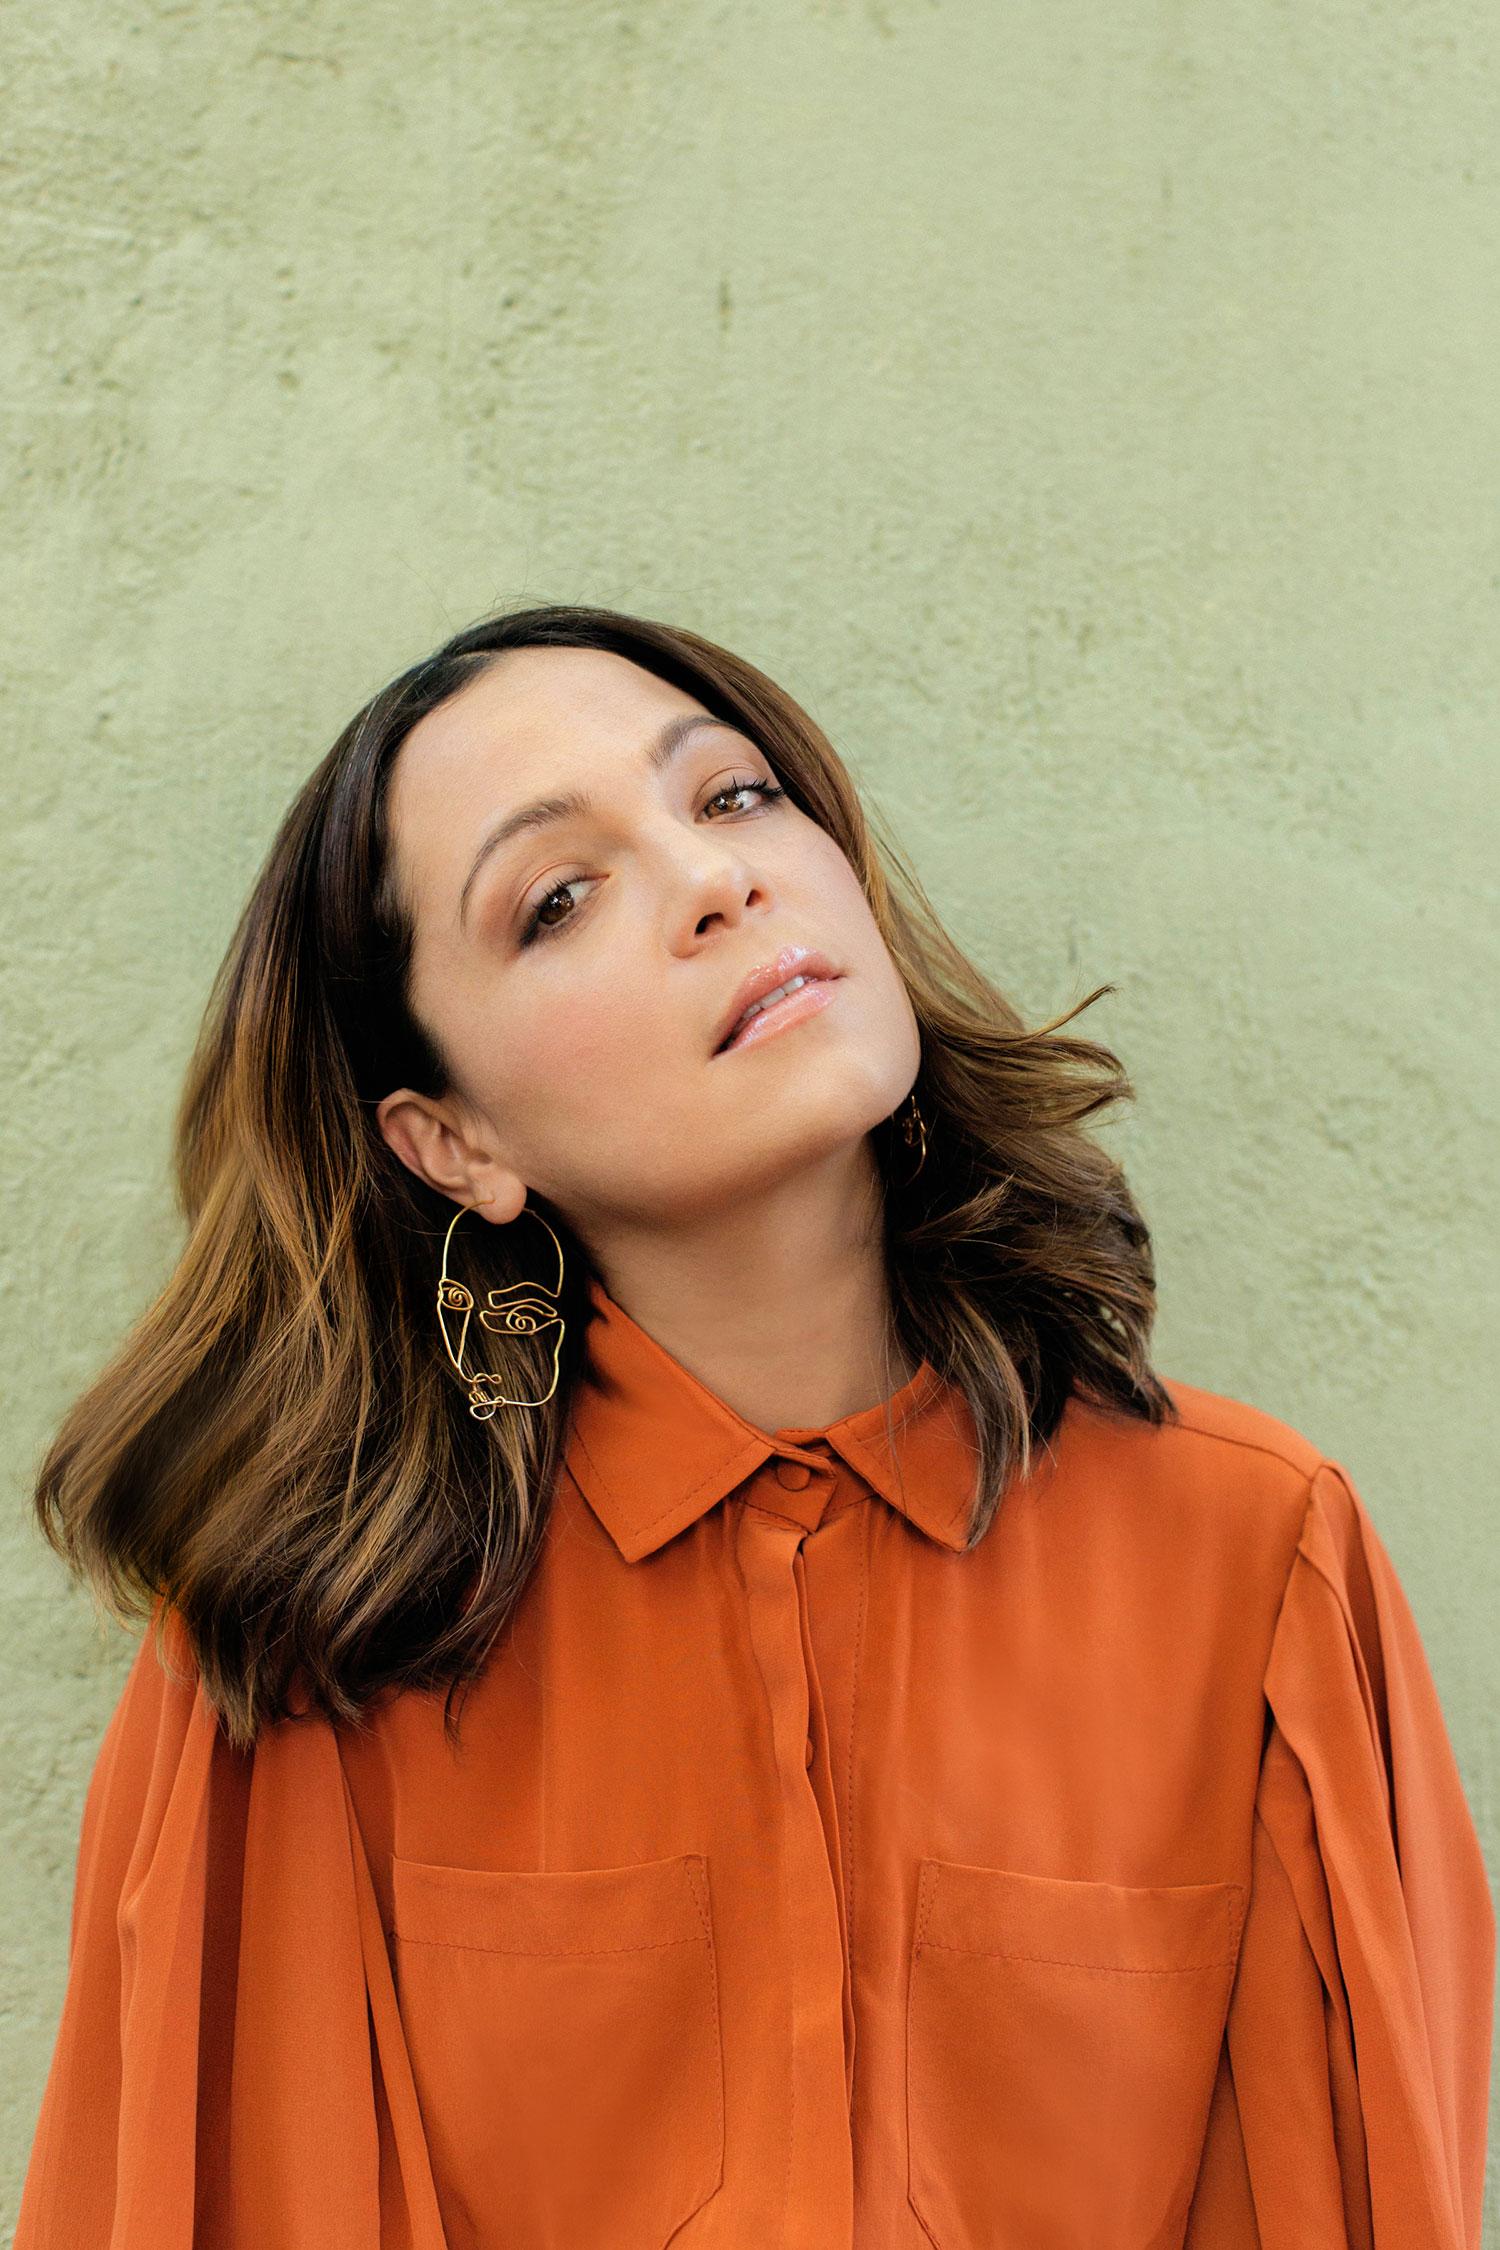 Imagen de Natalia Lafourcade músico del género Trópico Sonoro activo en Los 2000s